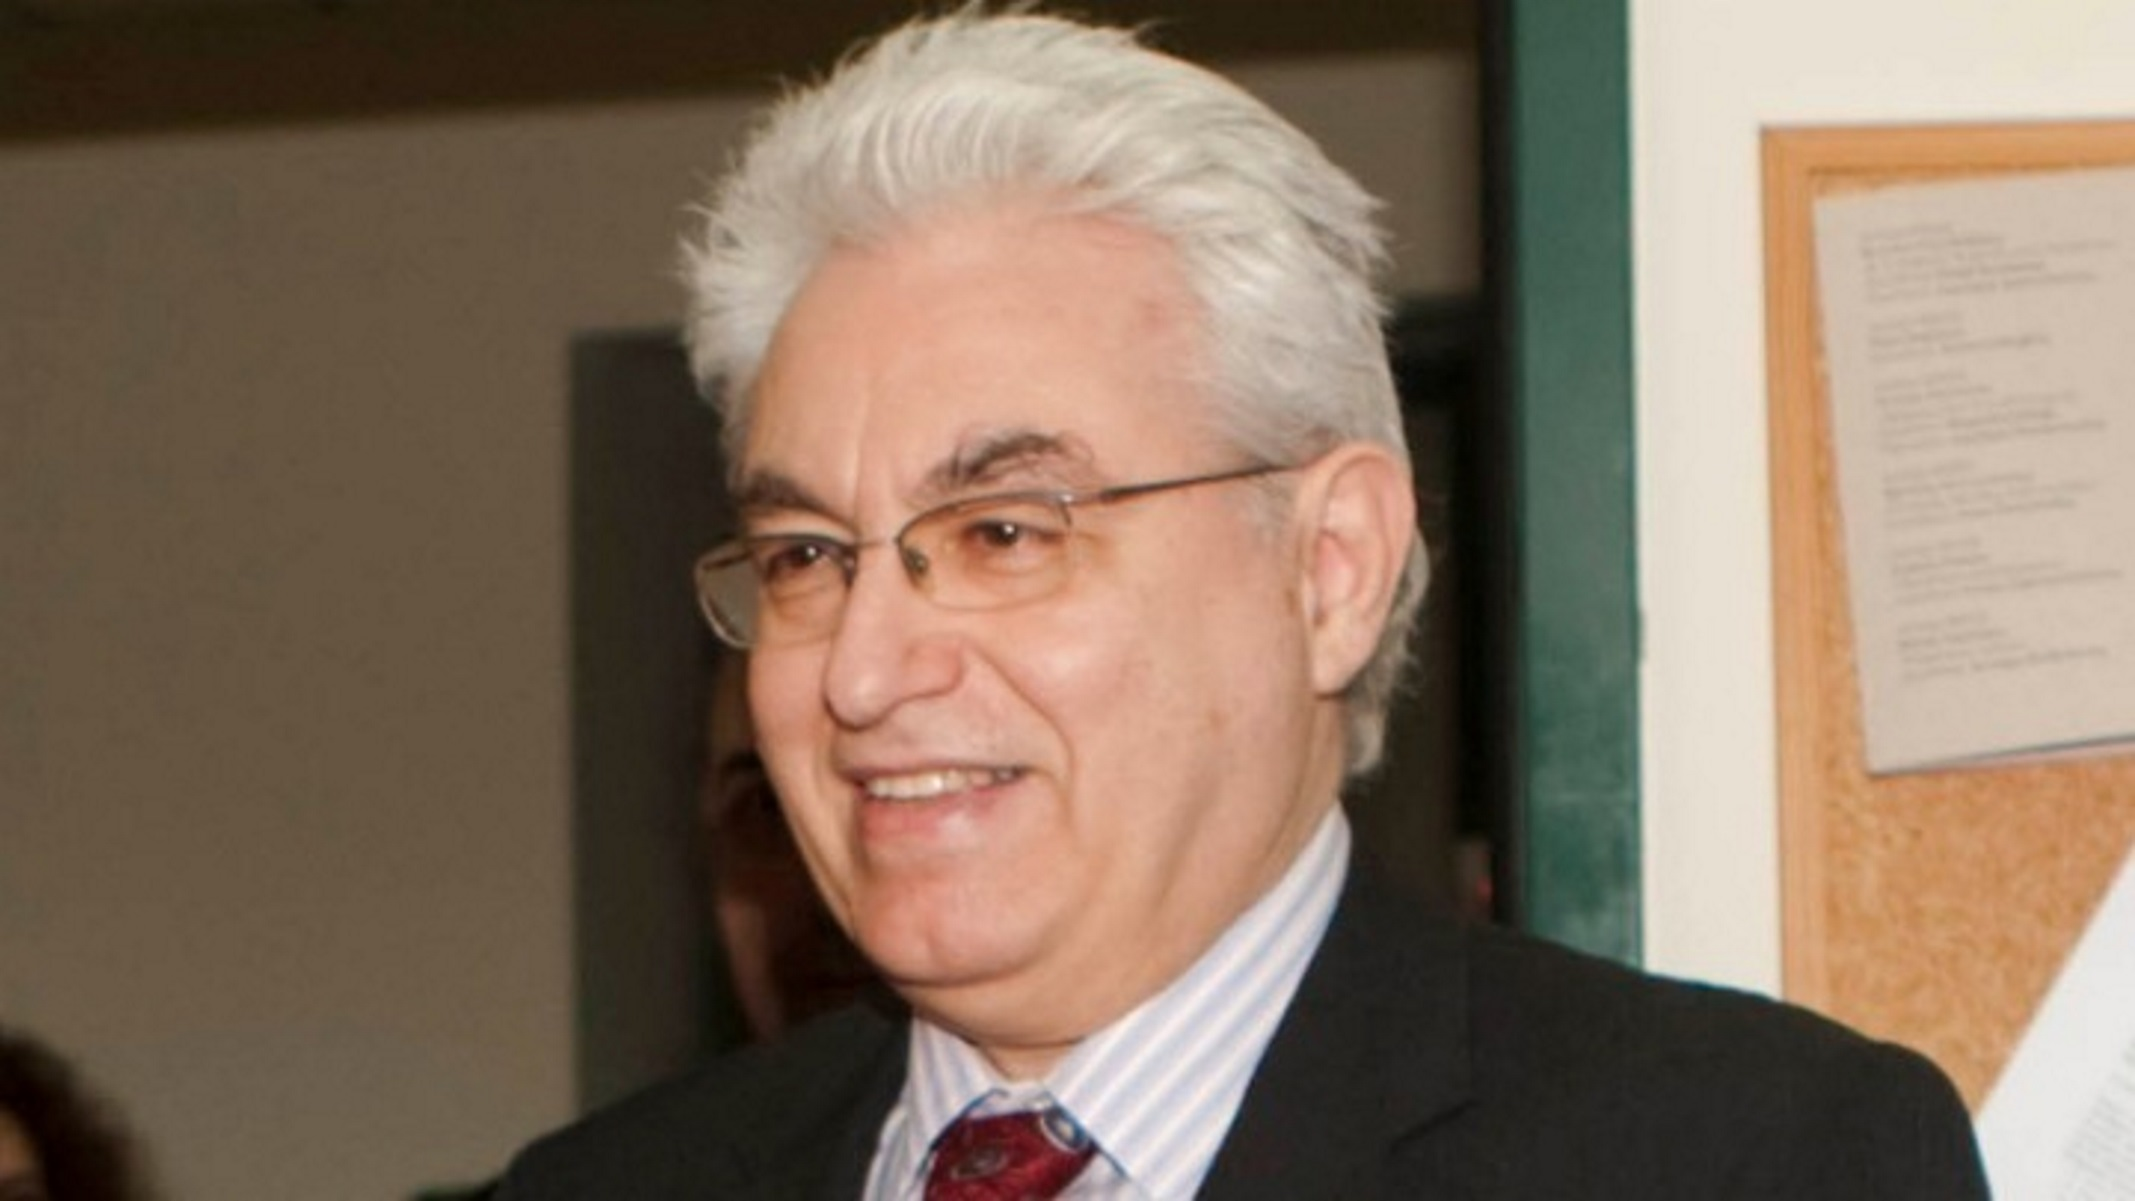 Πέθανε ο καθηγητής Γιάννης Καζάζης – Η ανάρτηση της Νίκης Κεραμέως